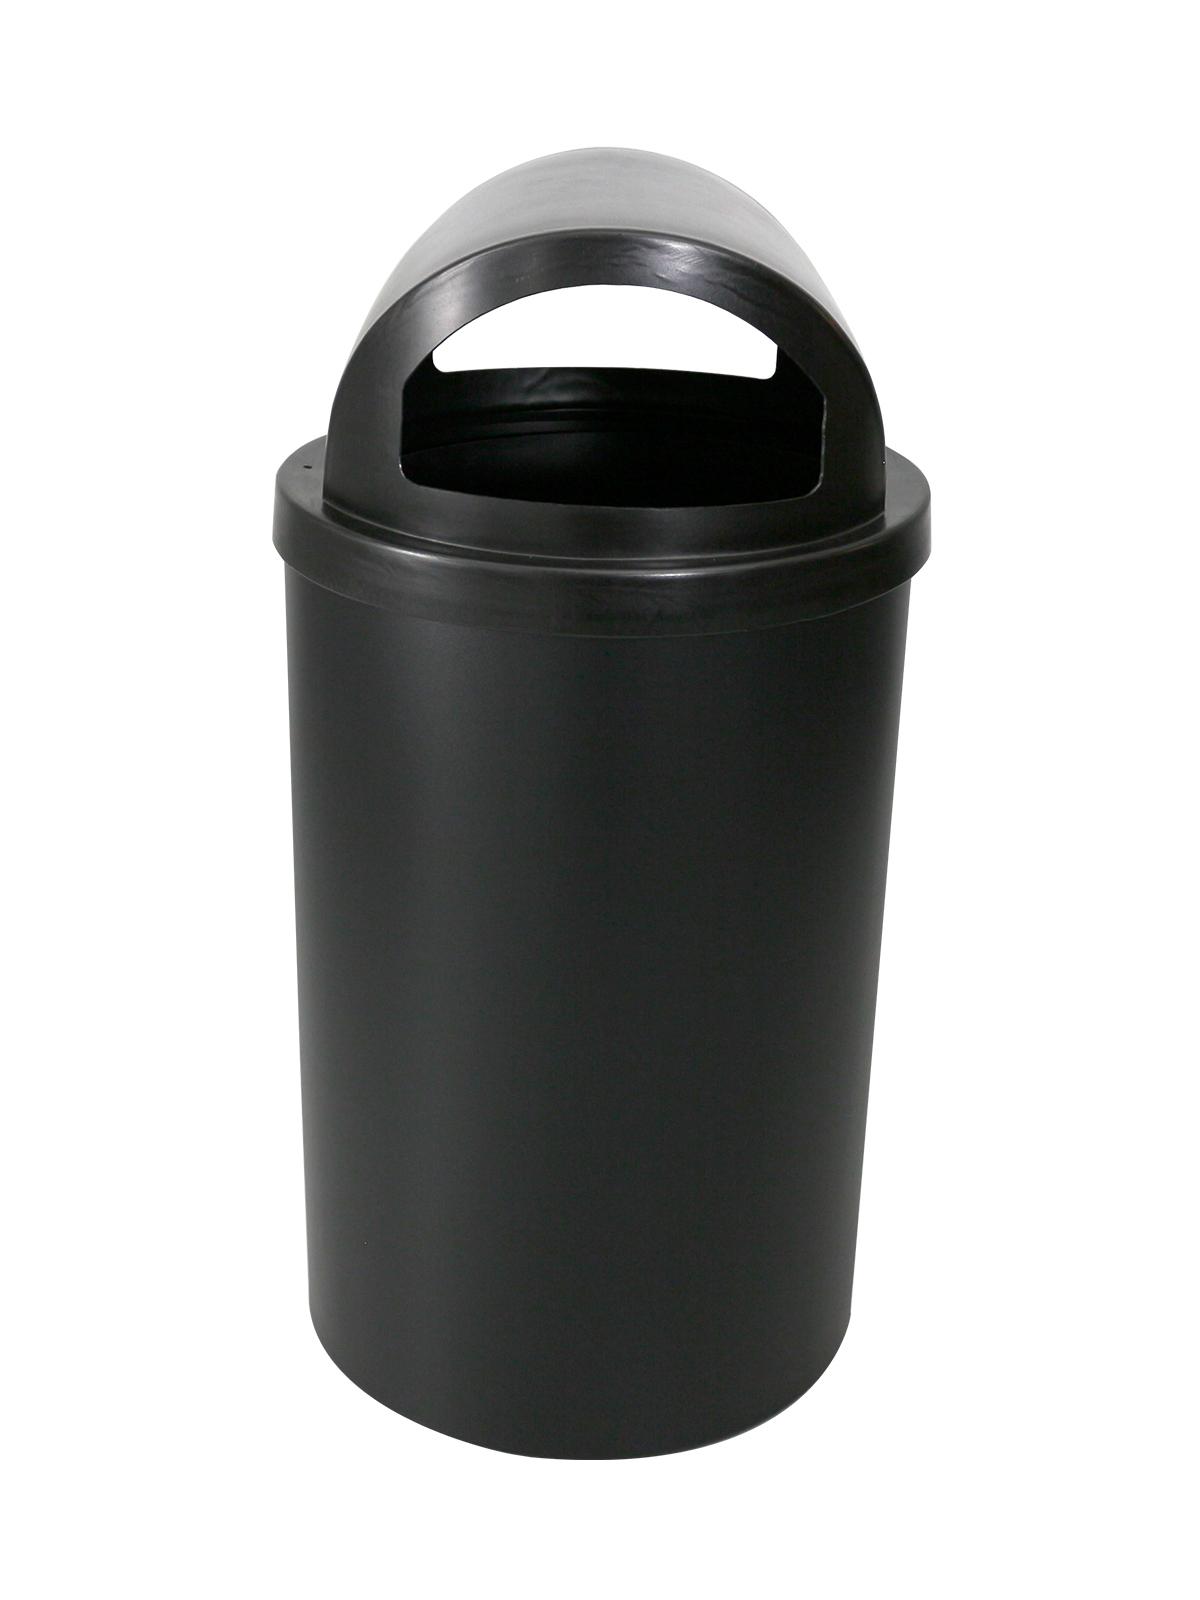 PACER - Single - Unit - Full - Black